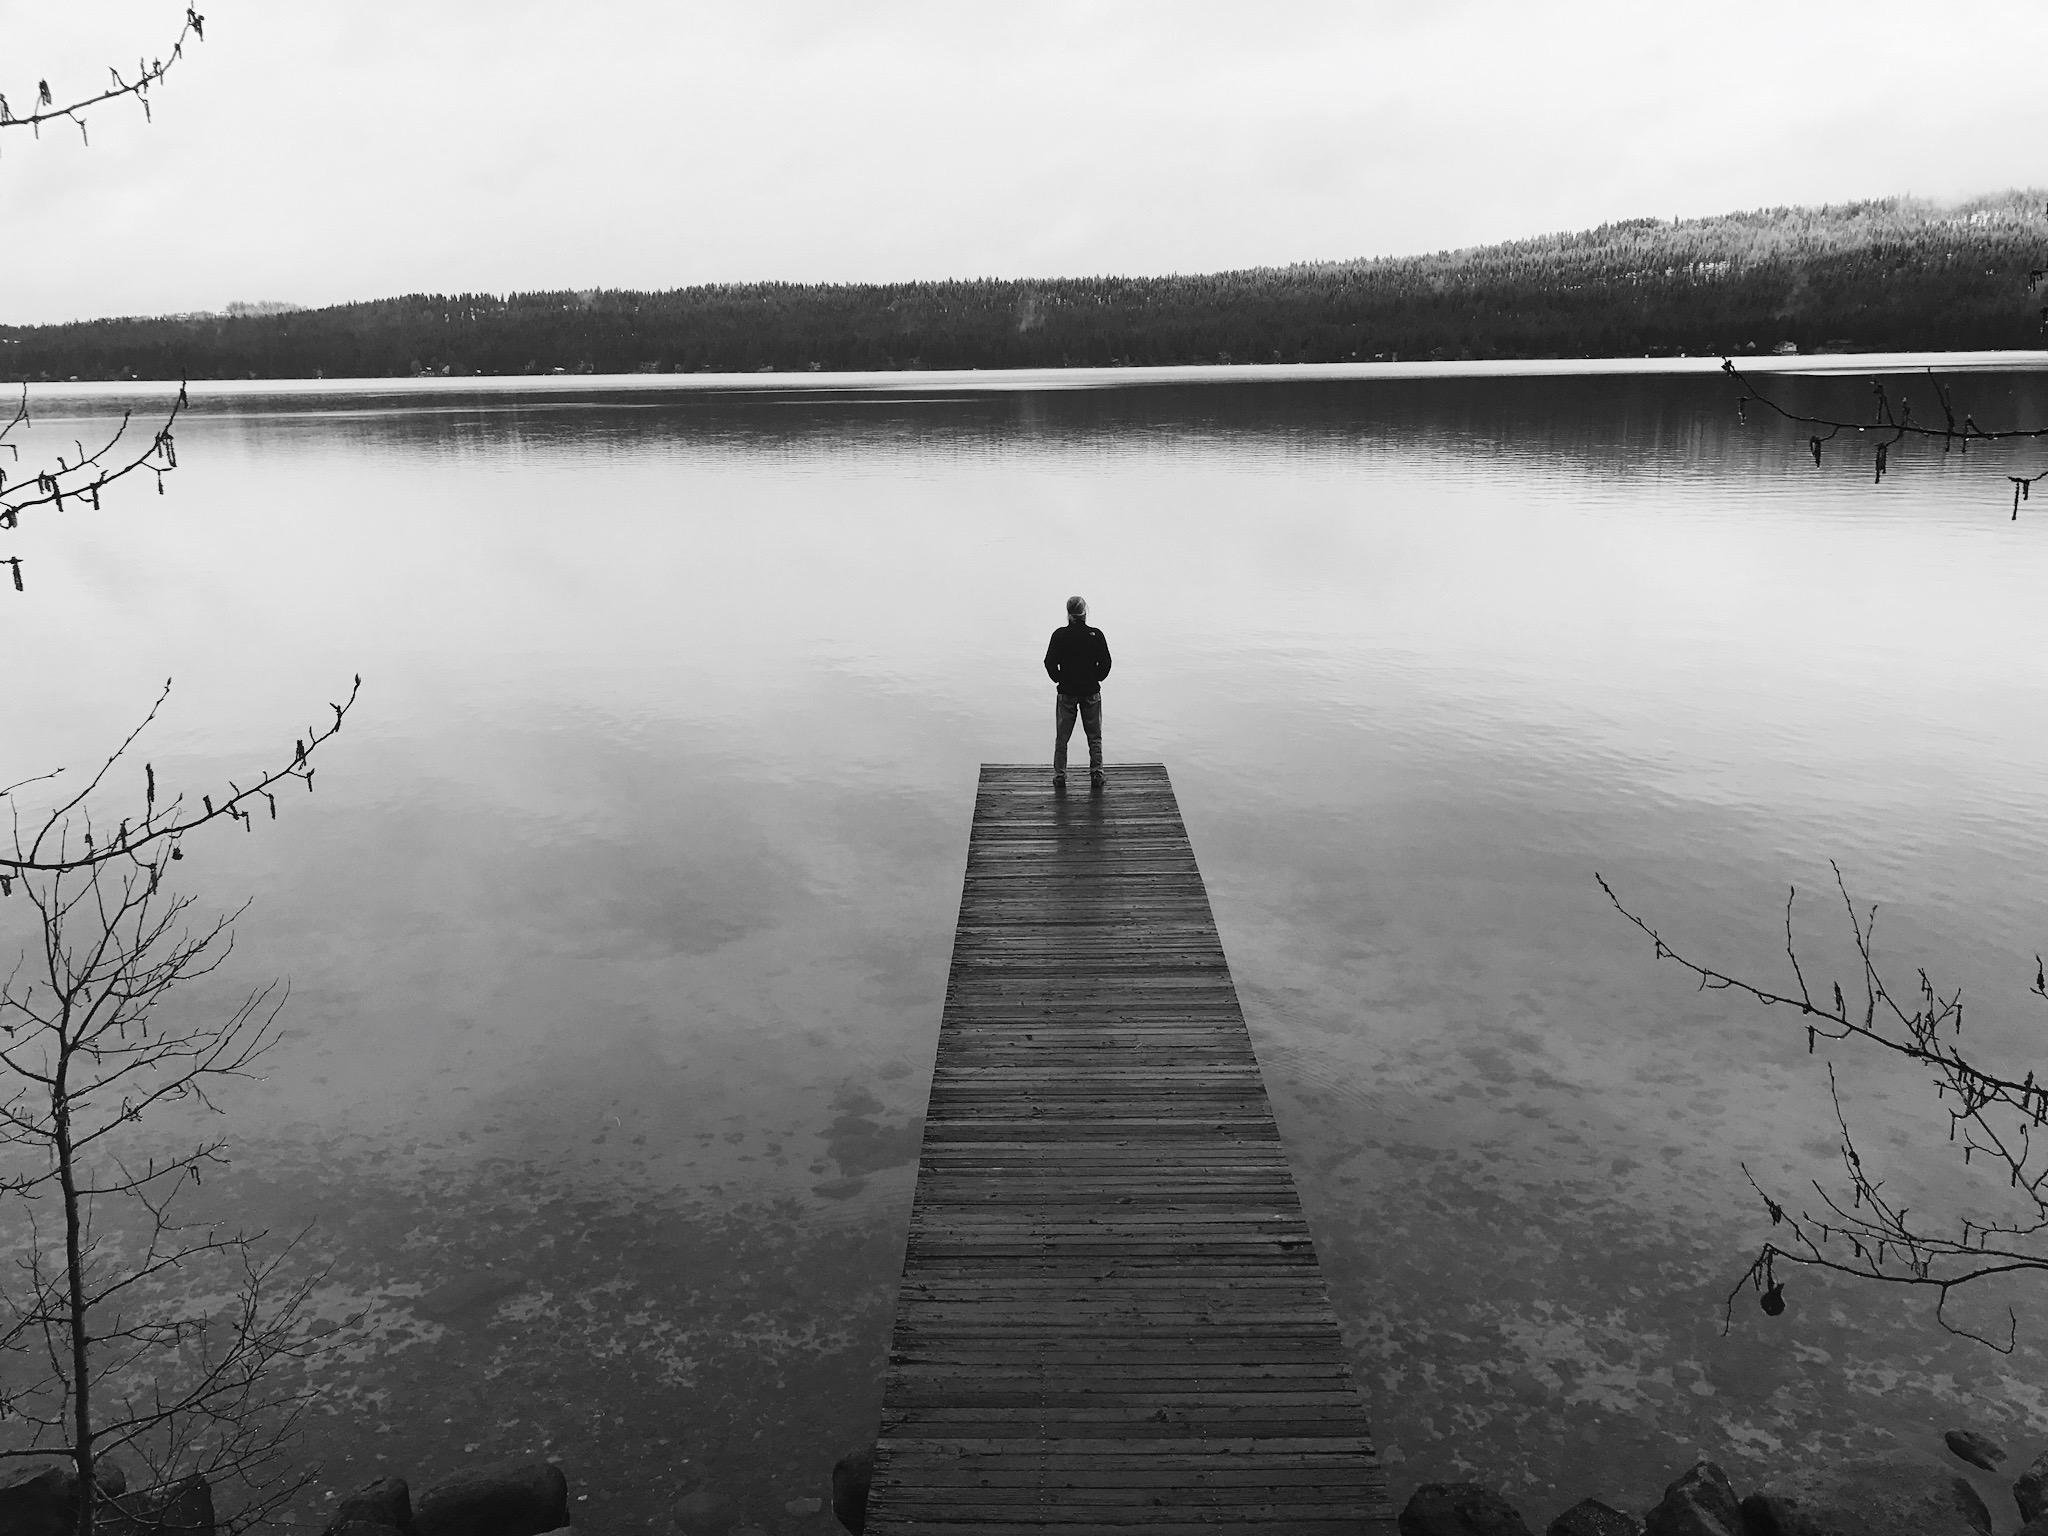 PAYETTE LAKE, MCCALL